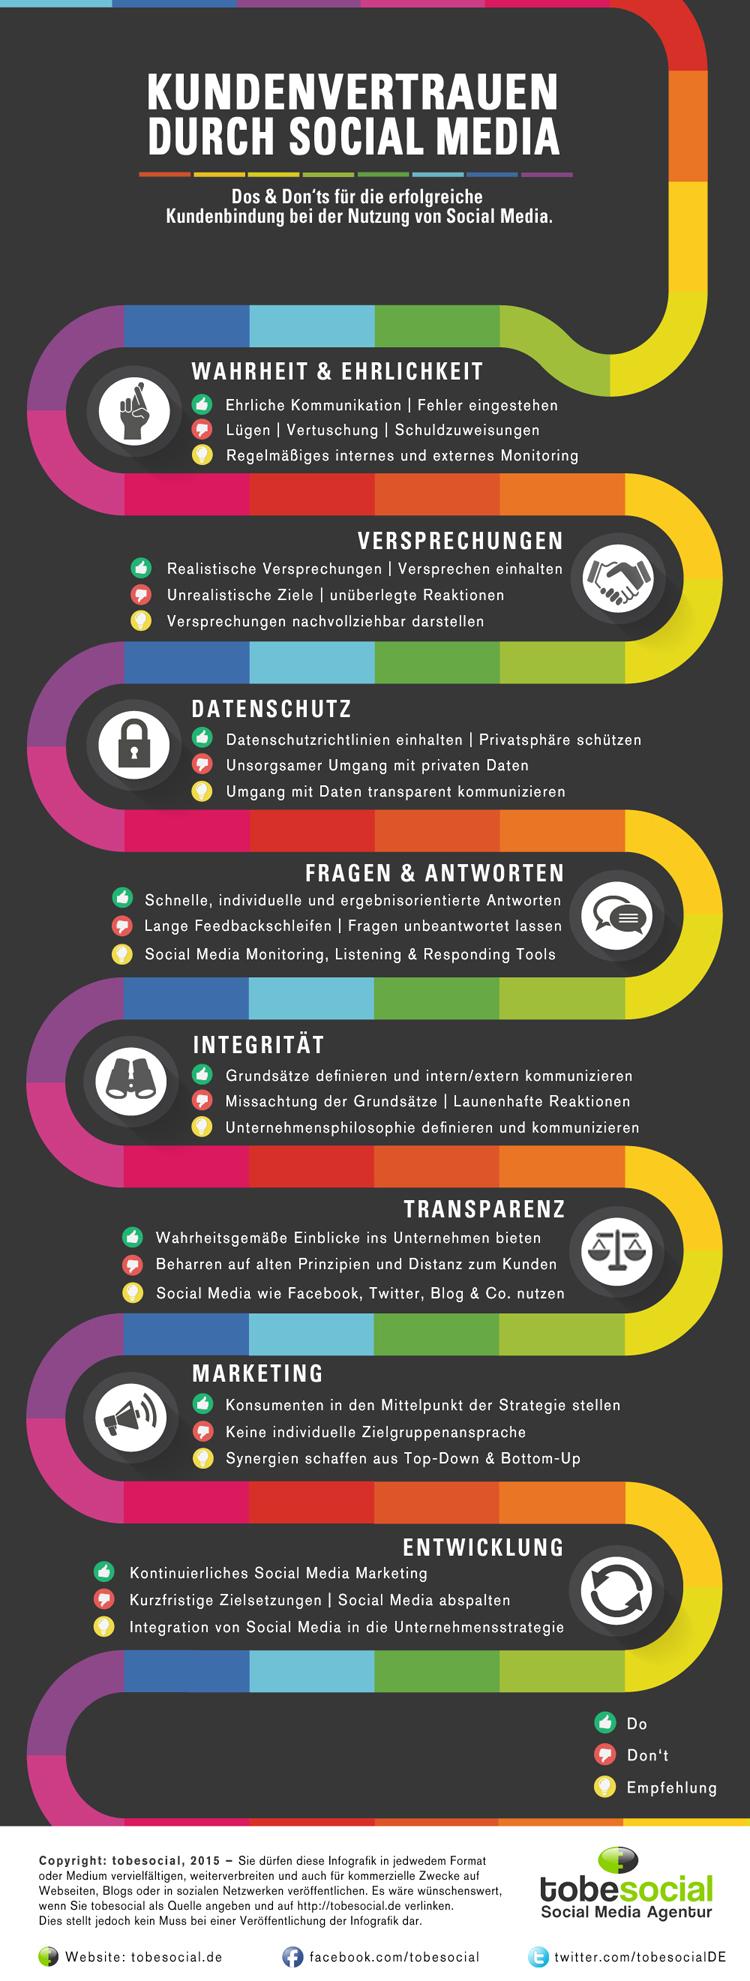 Infografik zu den Dos und Don'ts in sozialen Medien